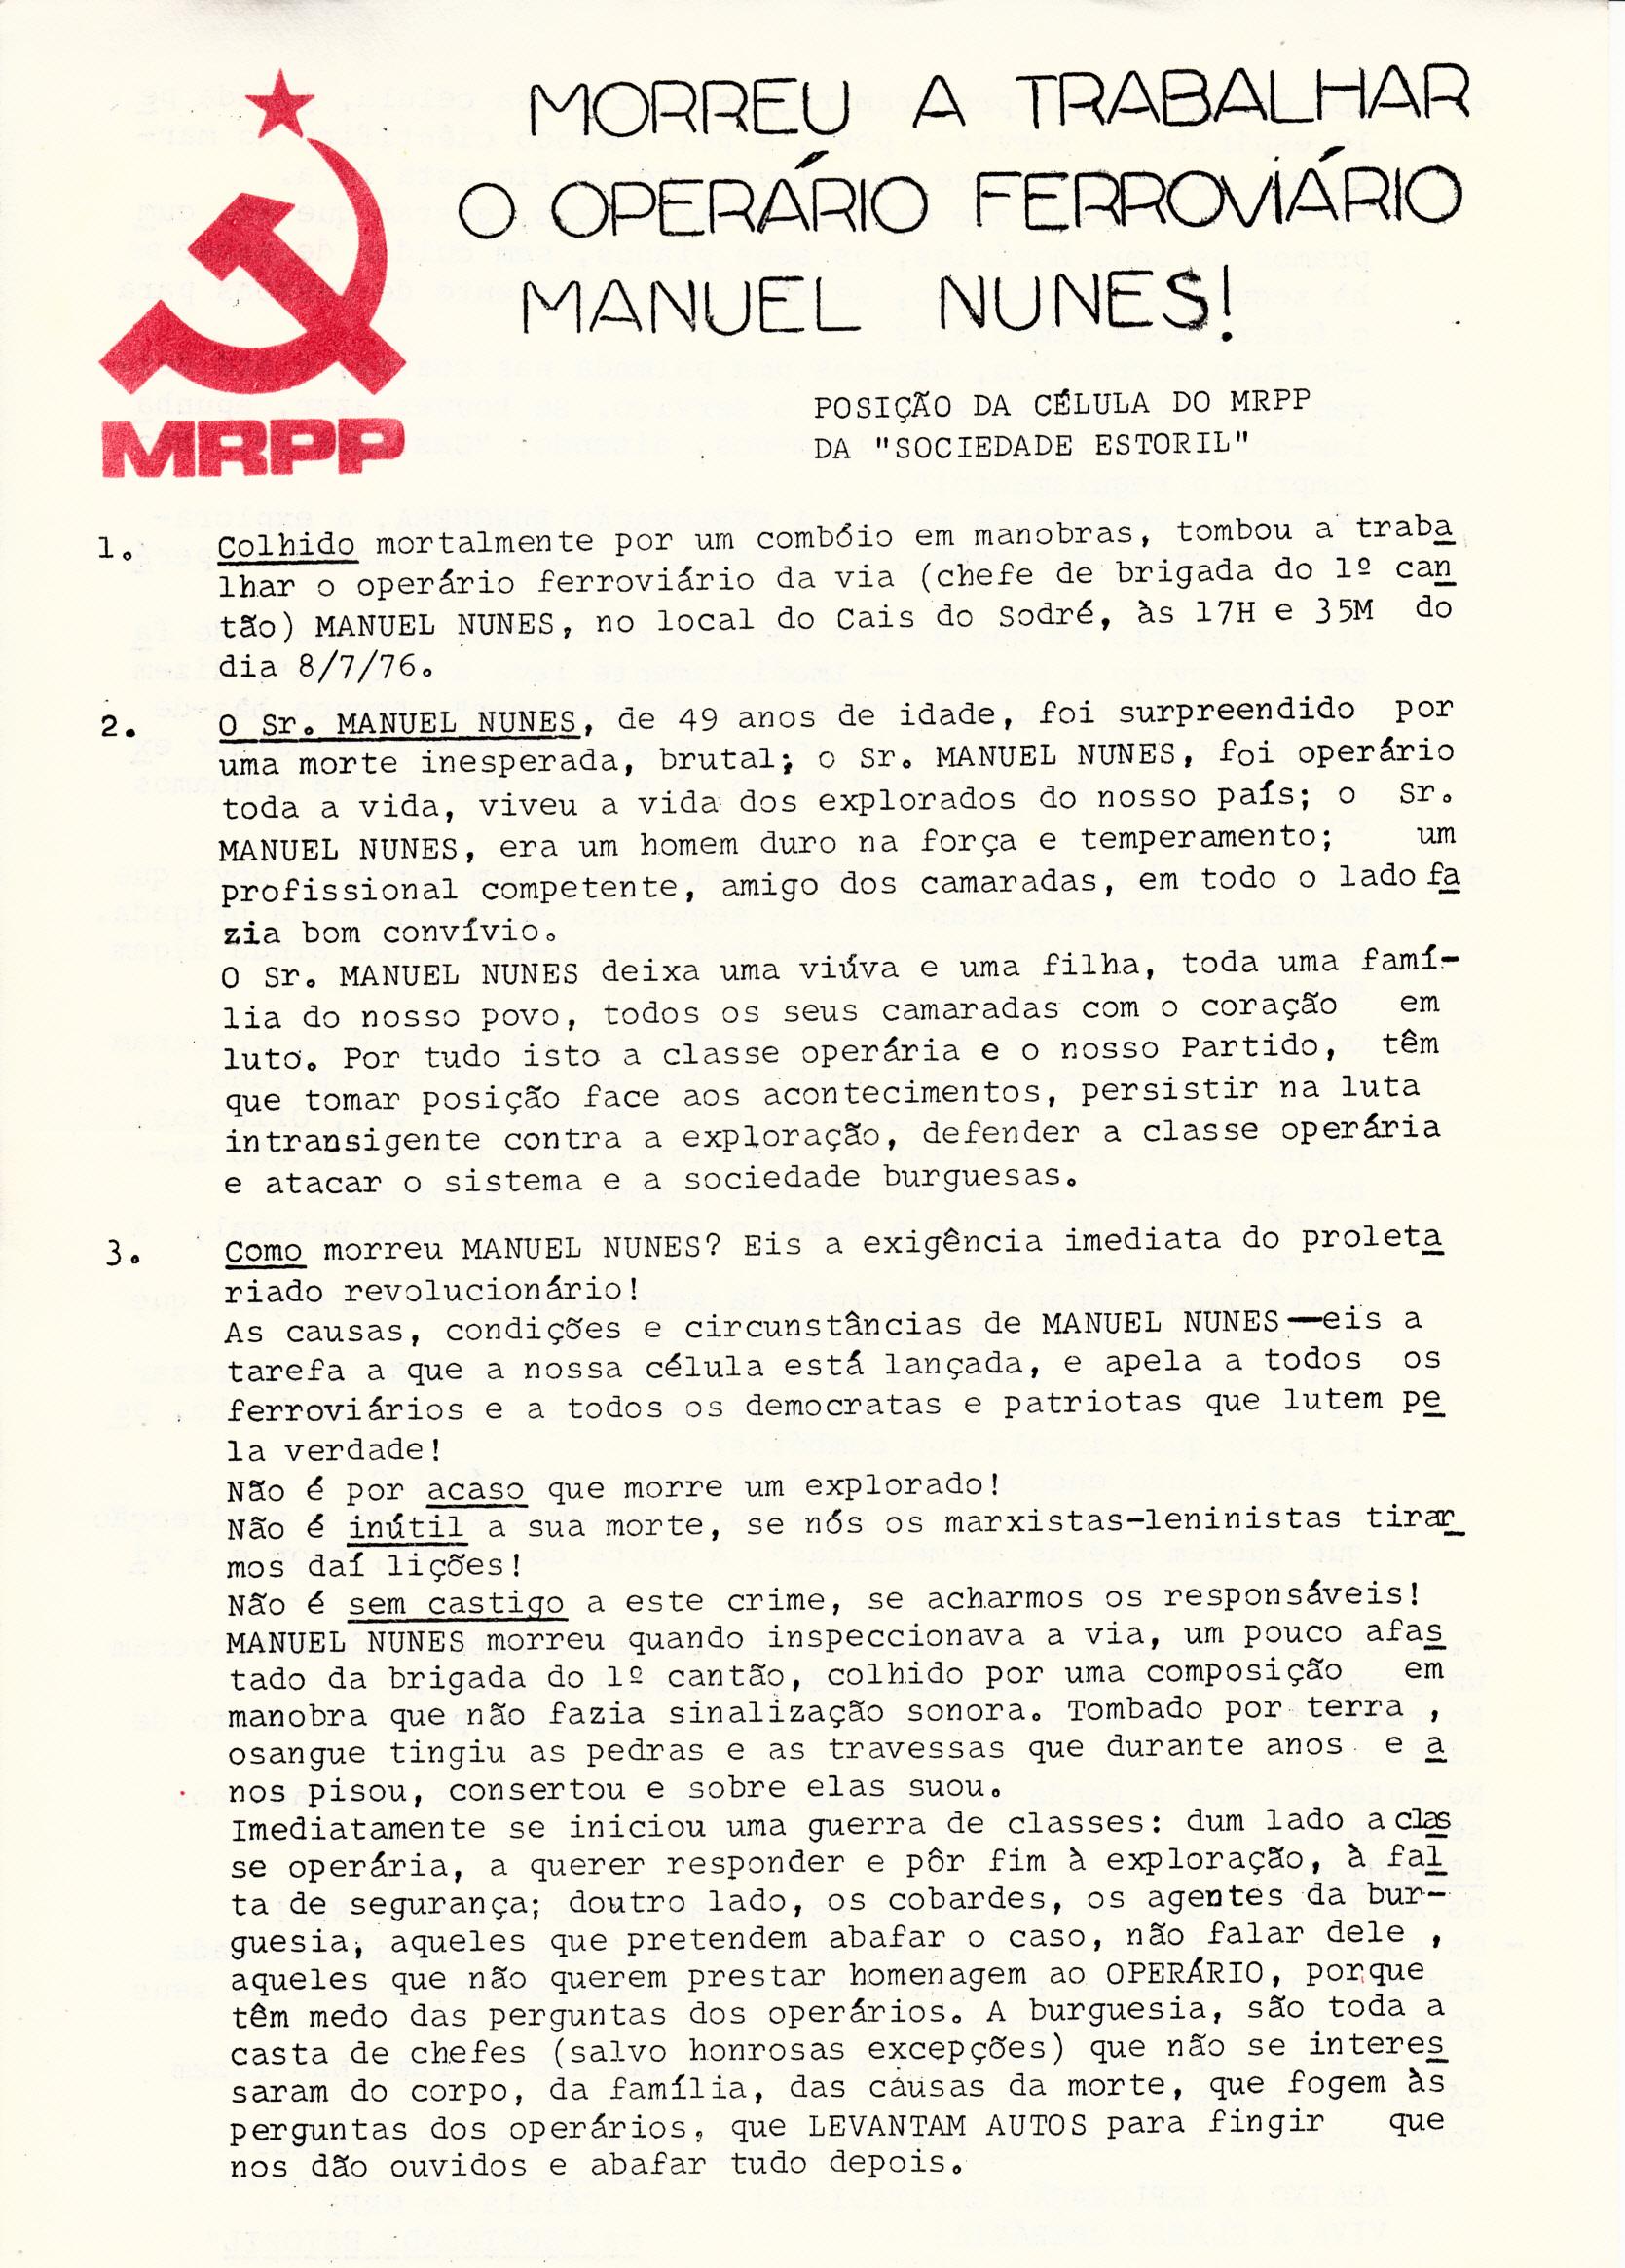 MRPP_1976_07_11_0001